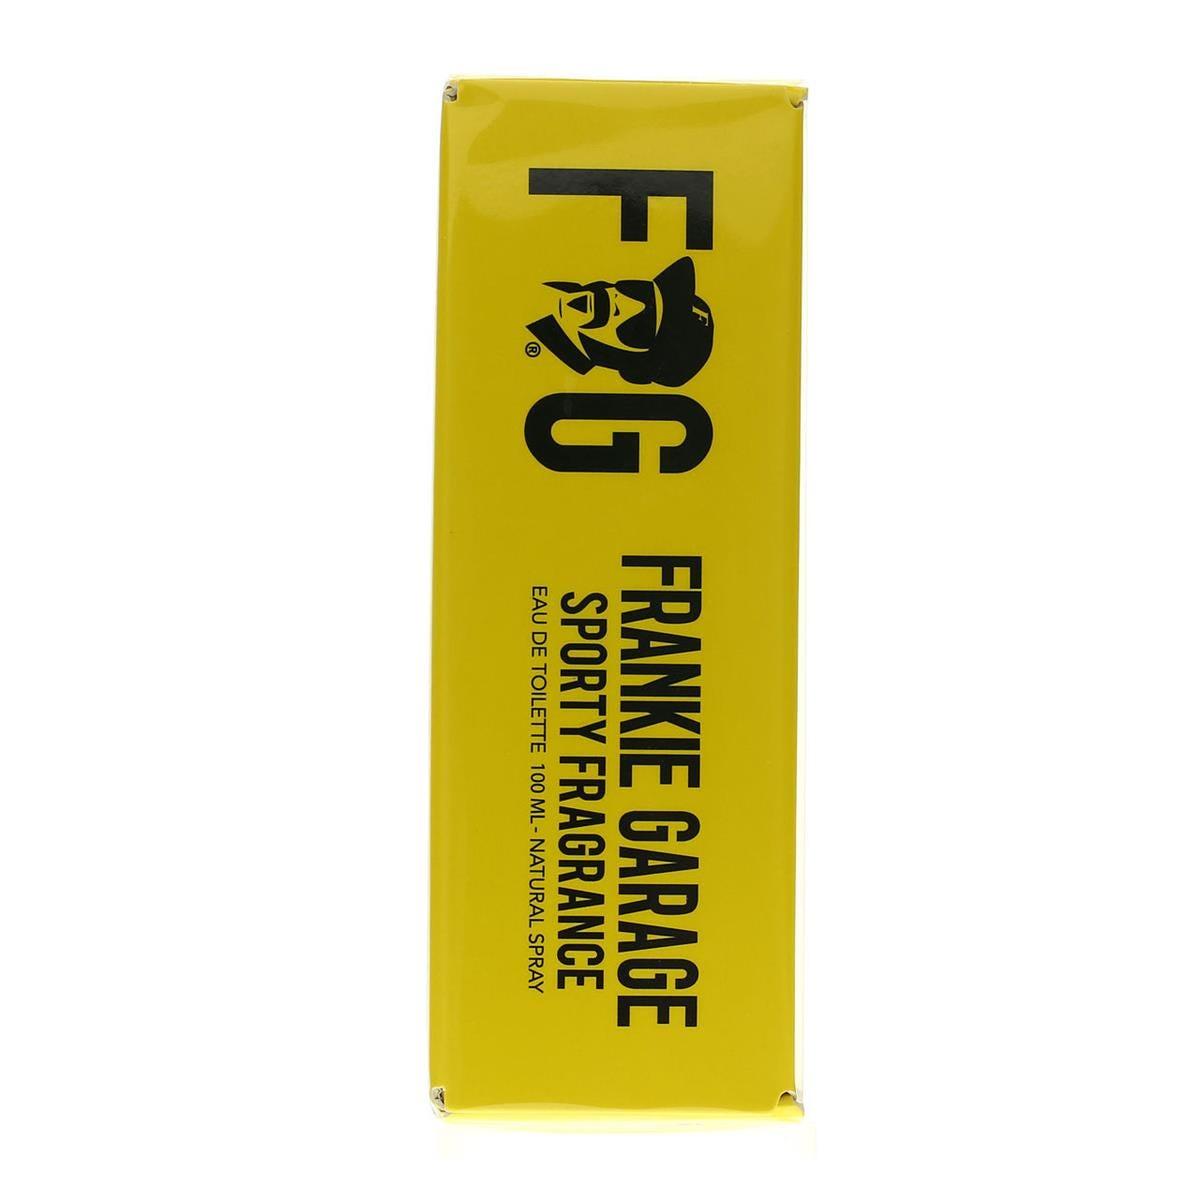 Sporty Fragrance Eau de Toilette 100ml